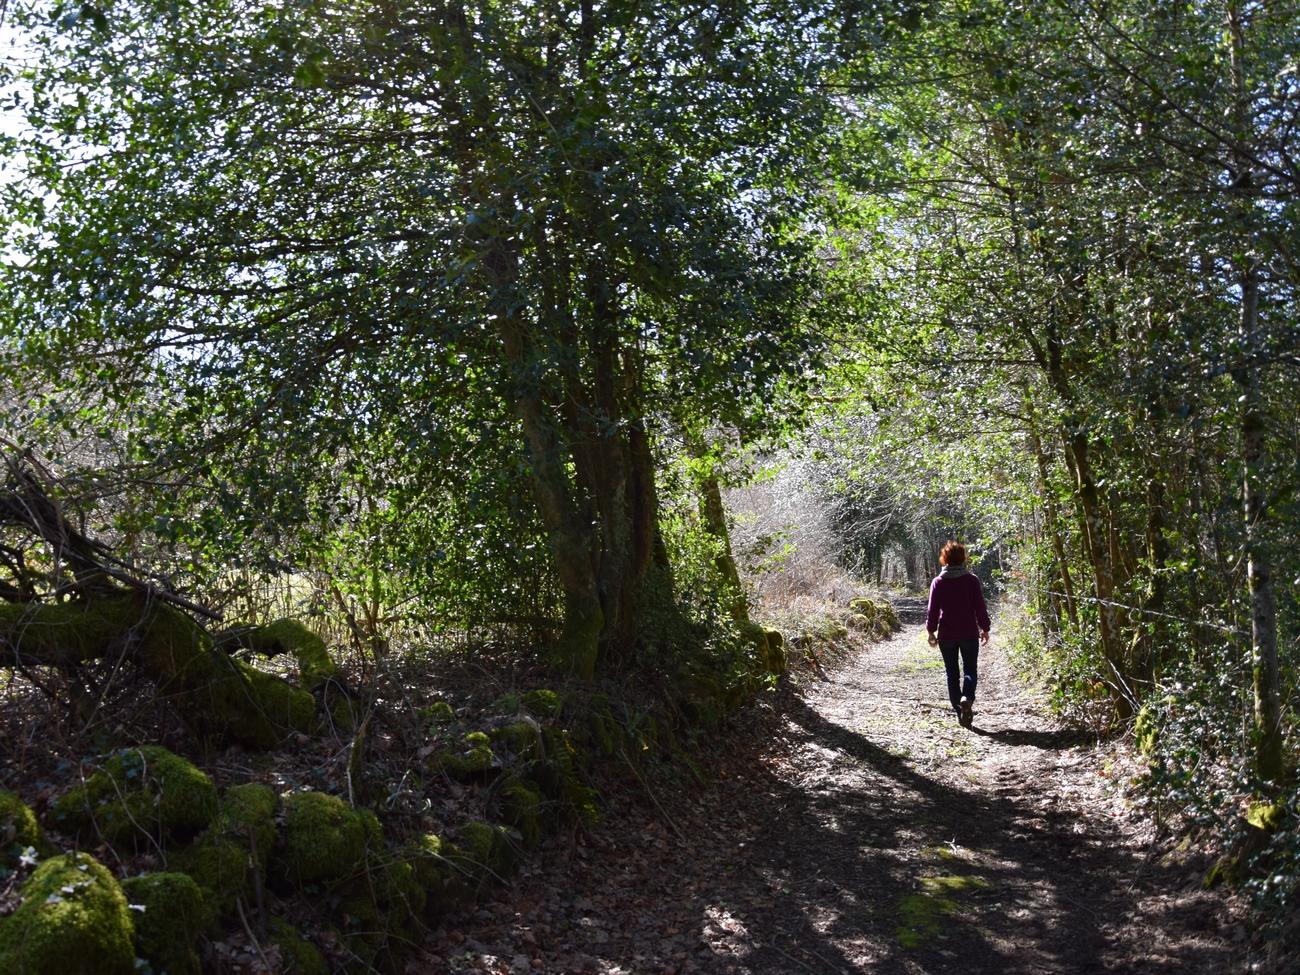 sentier tourbière de Canroute